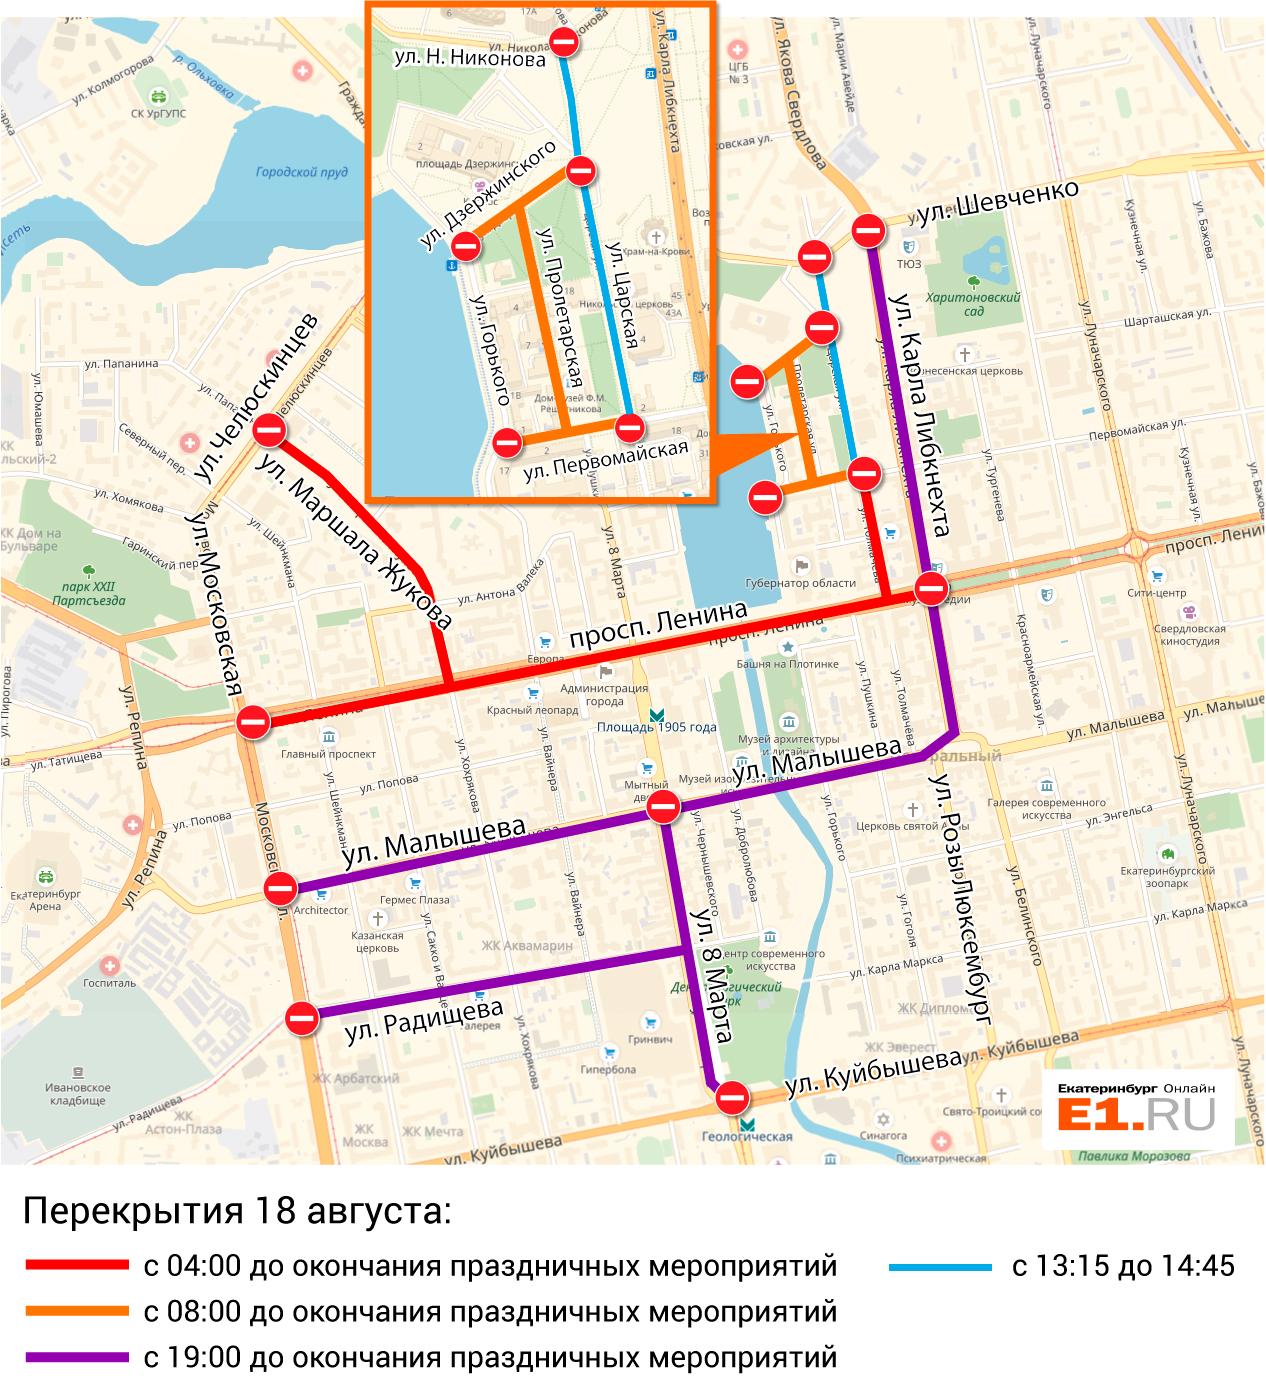 Кого слушать, во сколько смотреть салют, как уехать домой: всё о Дне города в Екатеринбурге